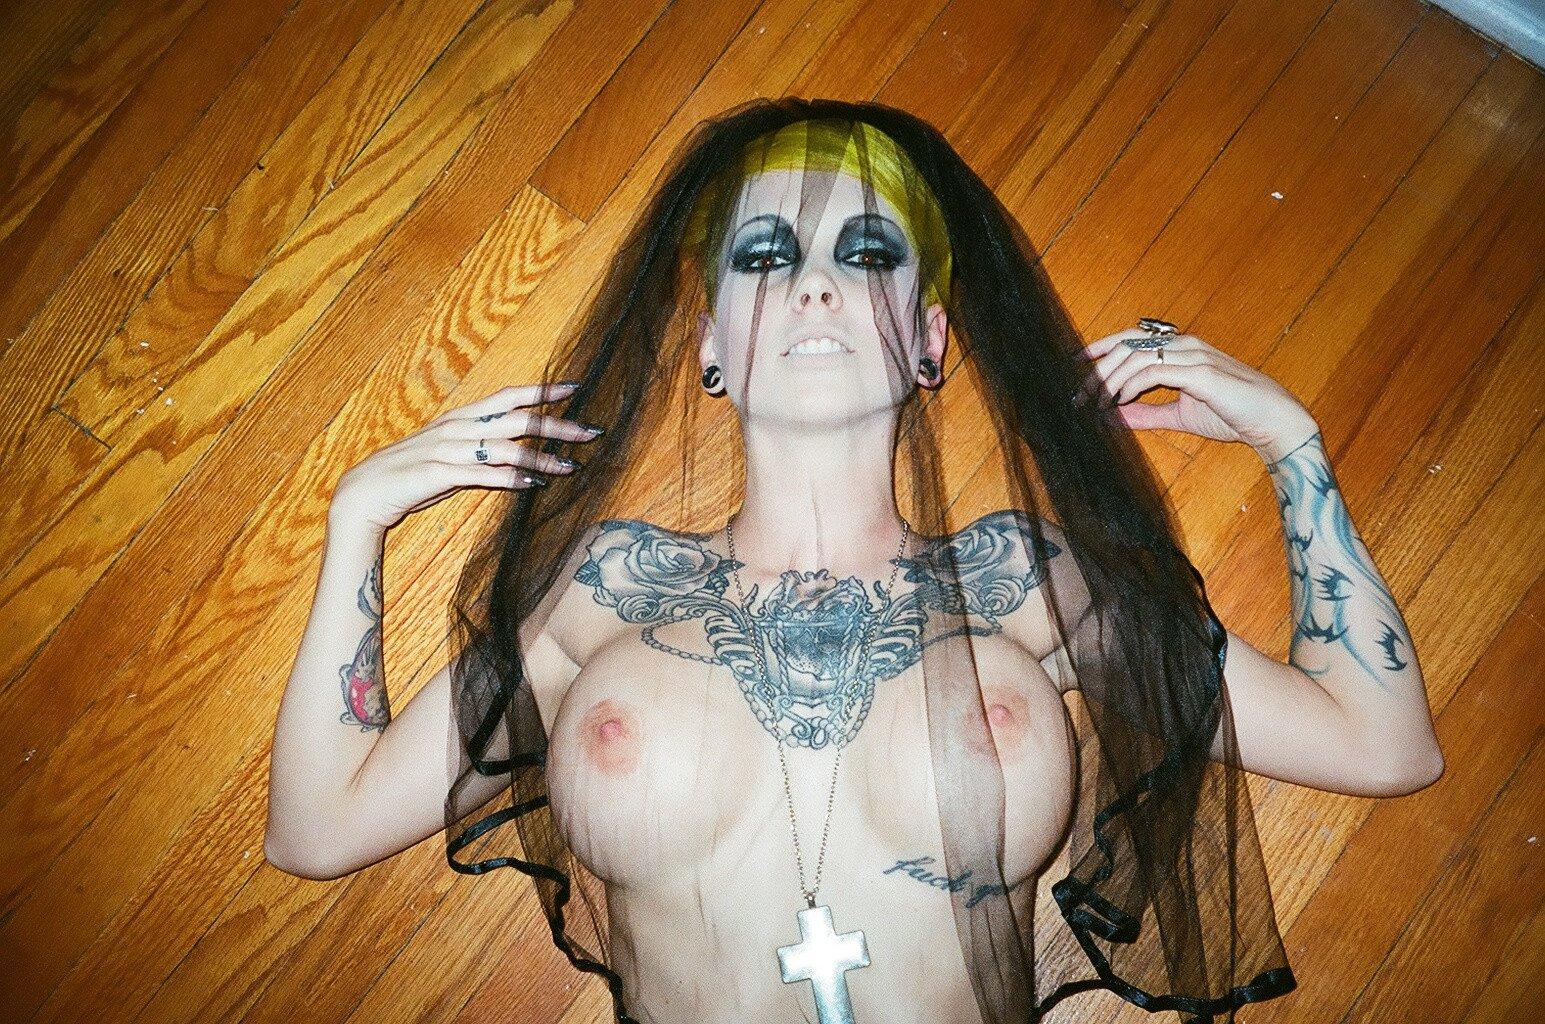 sara x mills naked